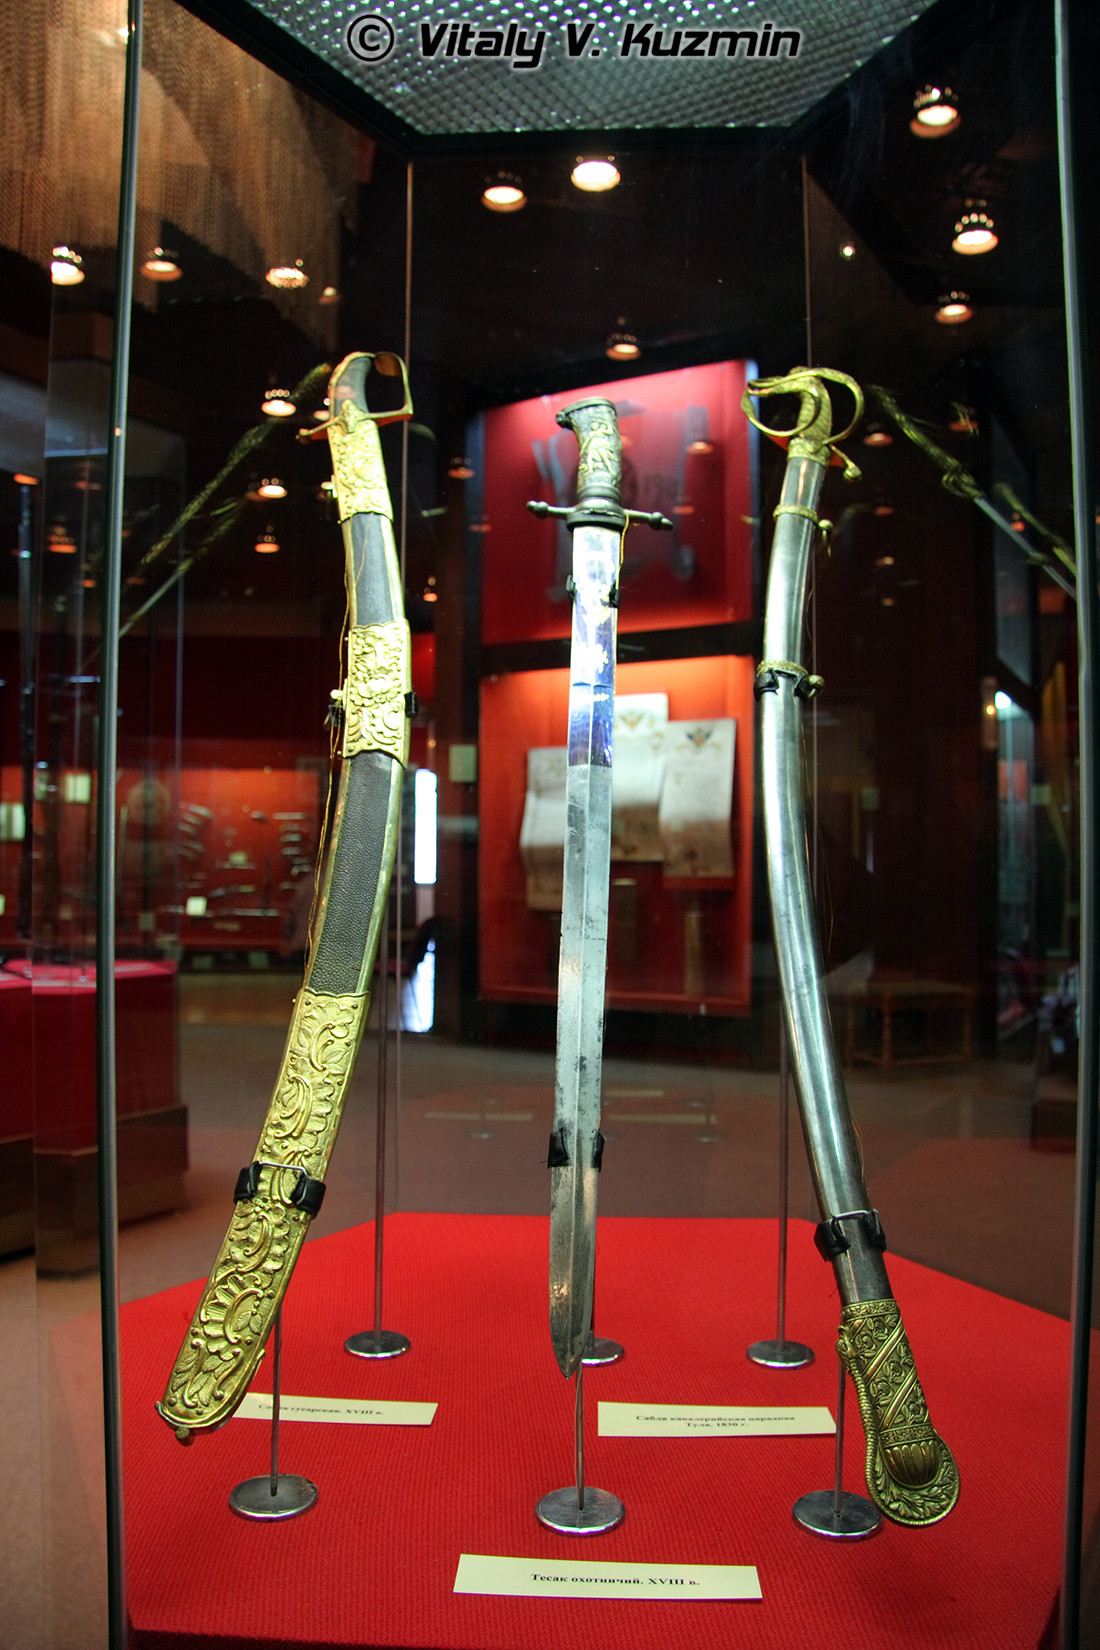 Sabre de hussard, XVIIIe siècle; sabre-briquet de chasse, XVIIIe siècle; sabre de parade de cavalerie, 1830